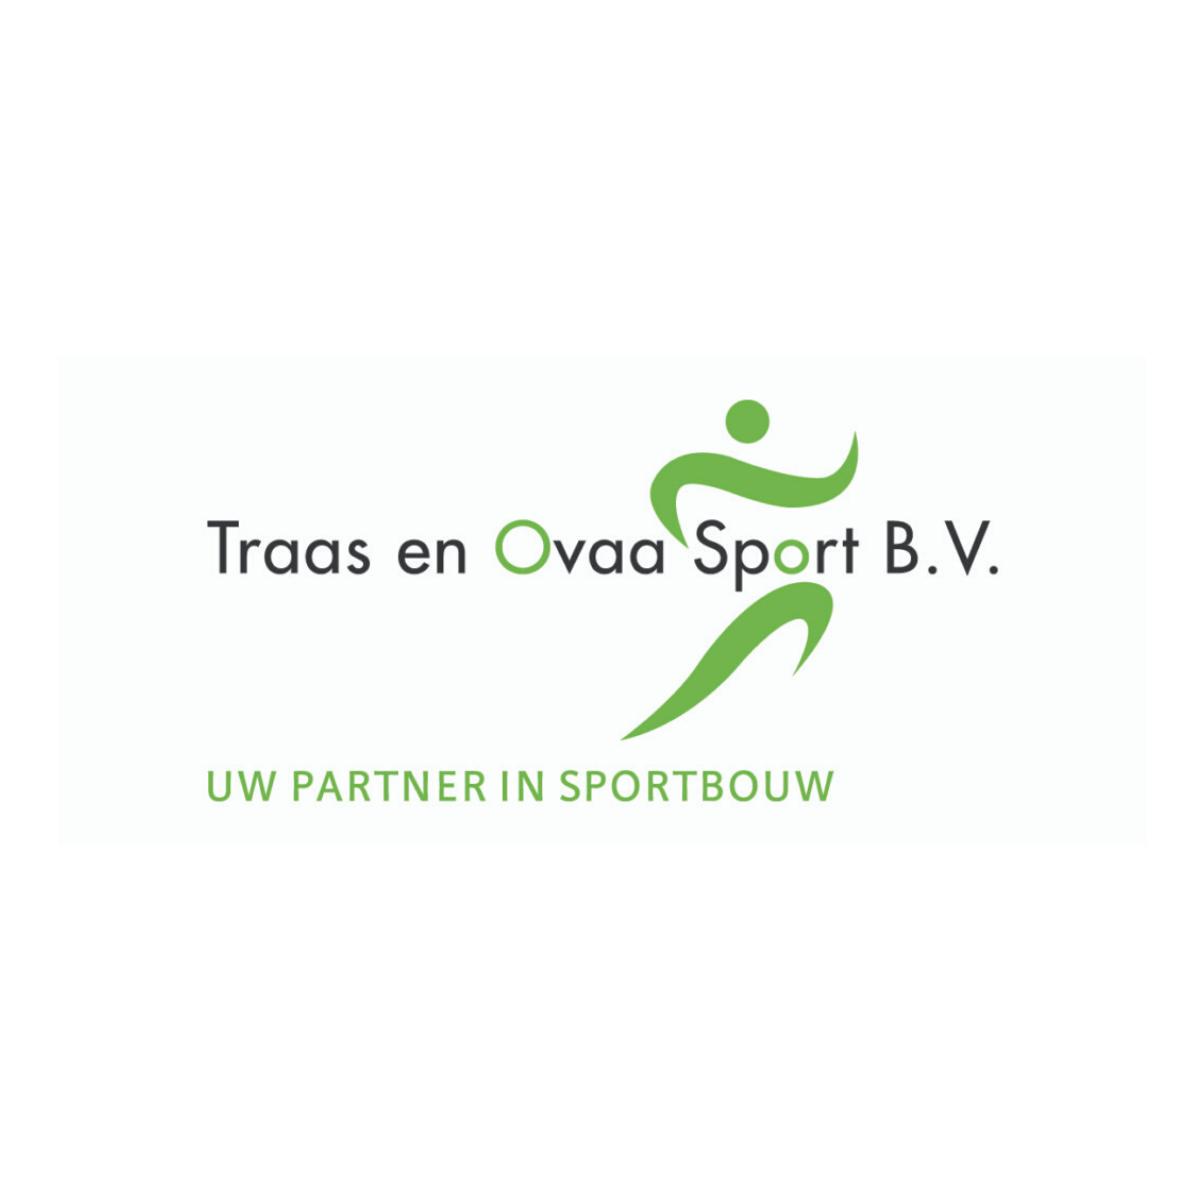 Traas & Ovaa Sport